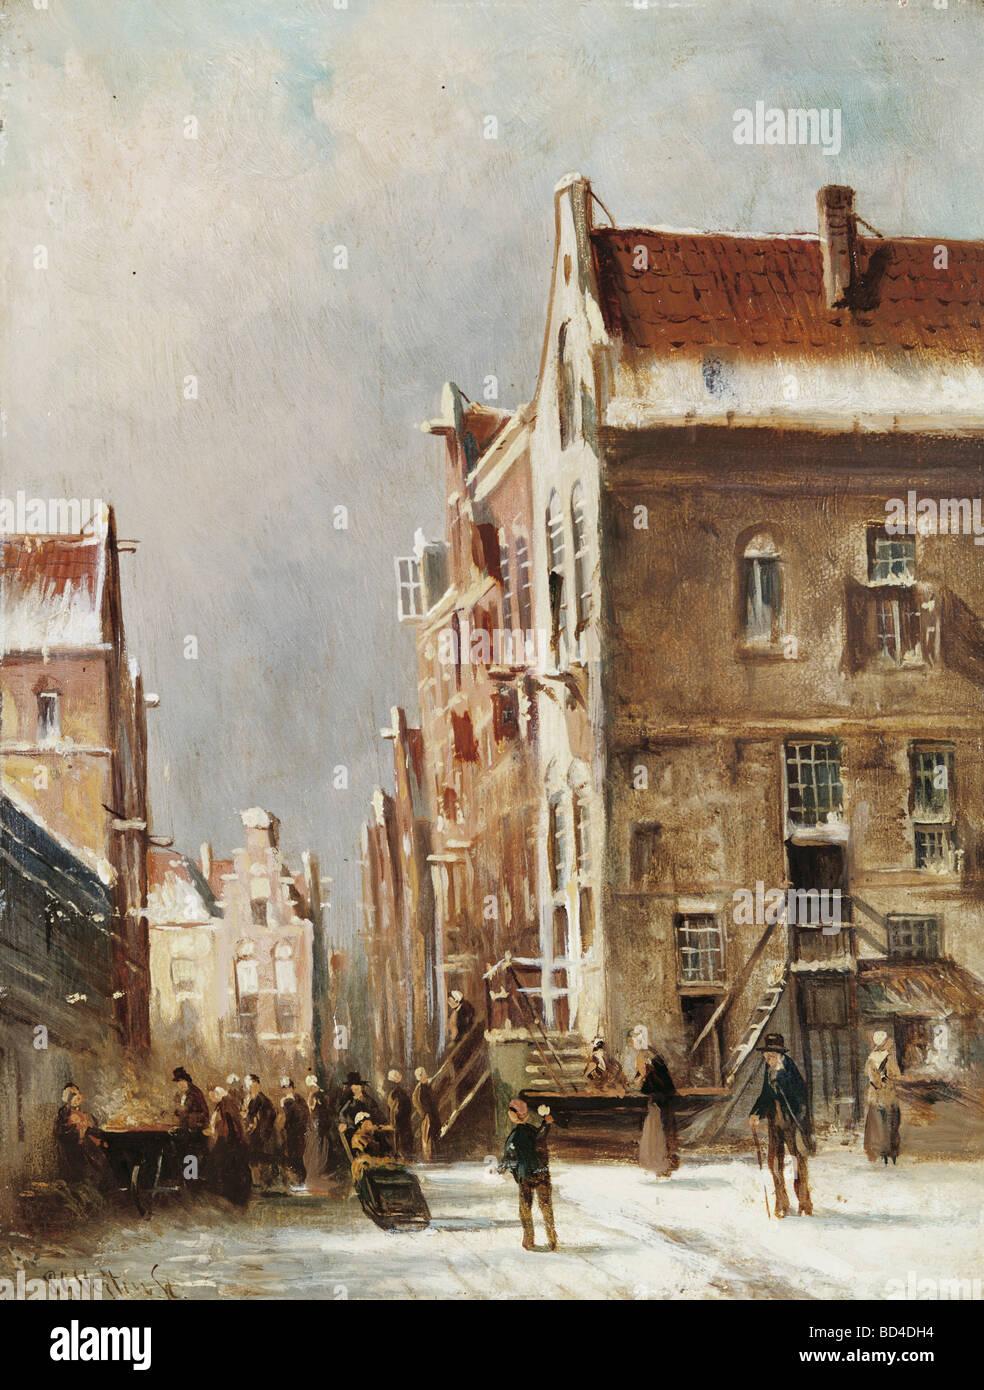 """Bellas artes, Vertin, Pieter Gerardus (1819 - 1893), la pintura, la """"Pequeña ciudad en la nieve"""", Imagen De Stock"""